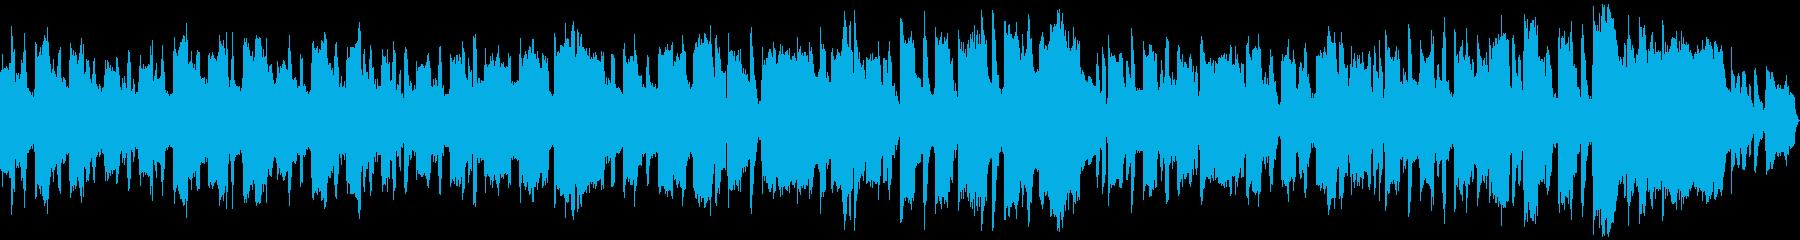 ファンタジーの街に合いそうなBGMの再生済みの波形